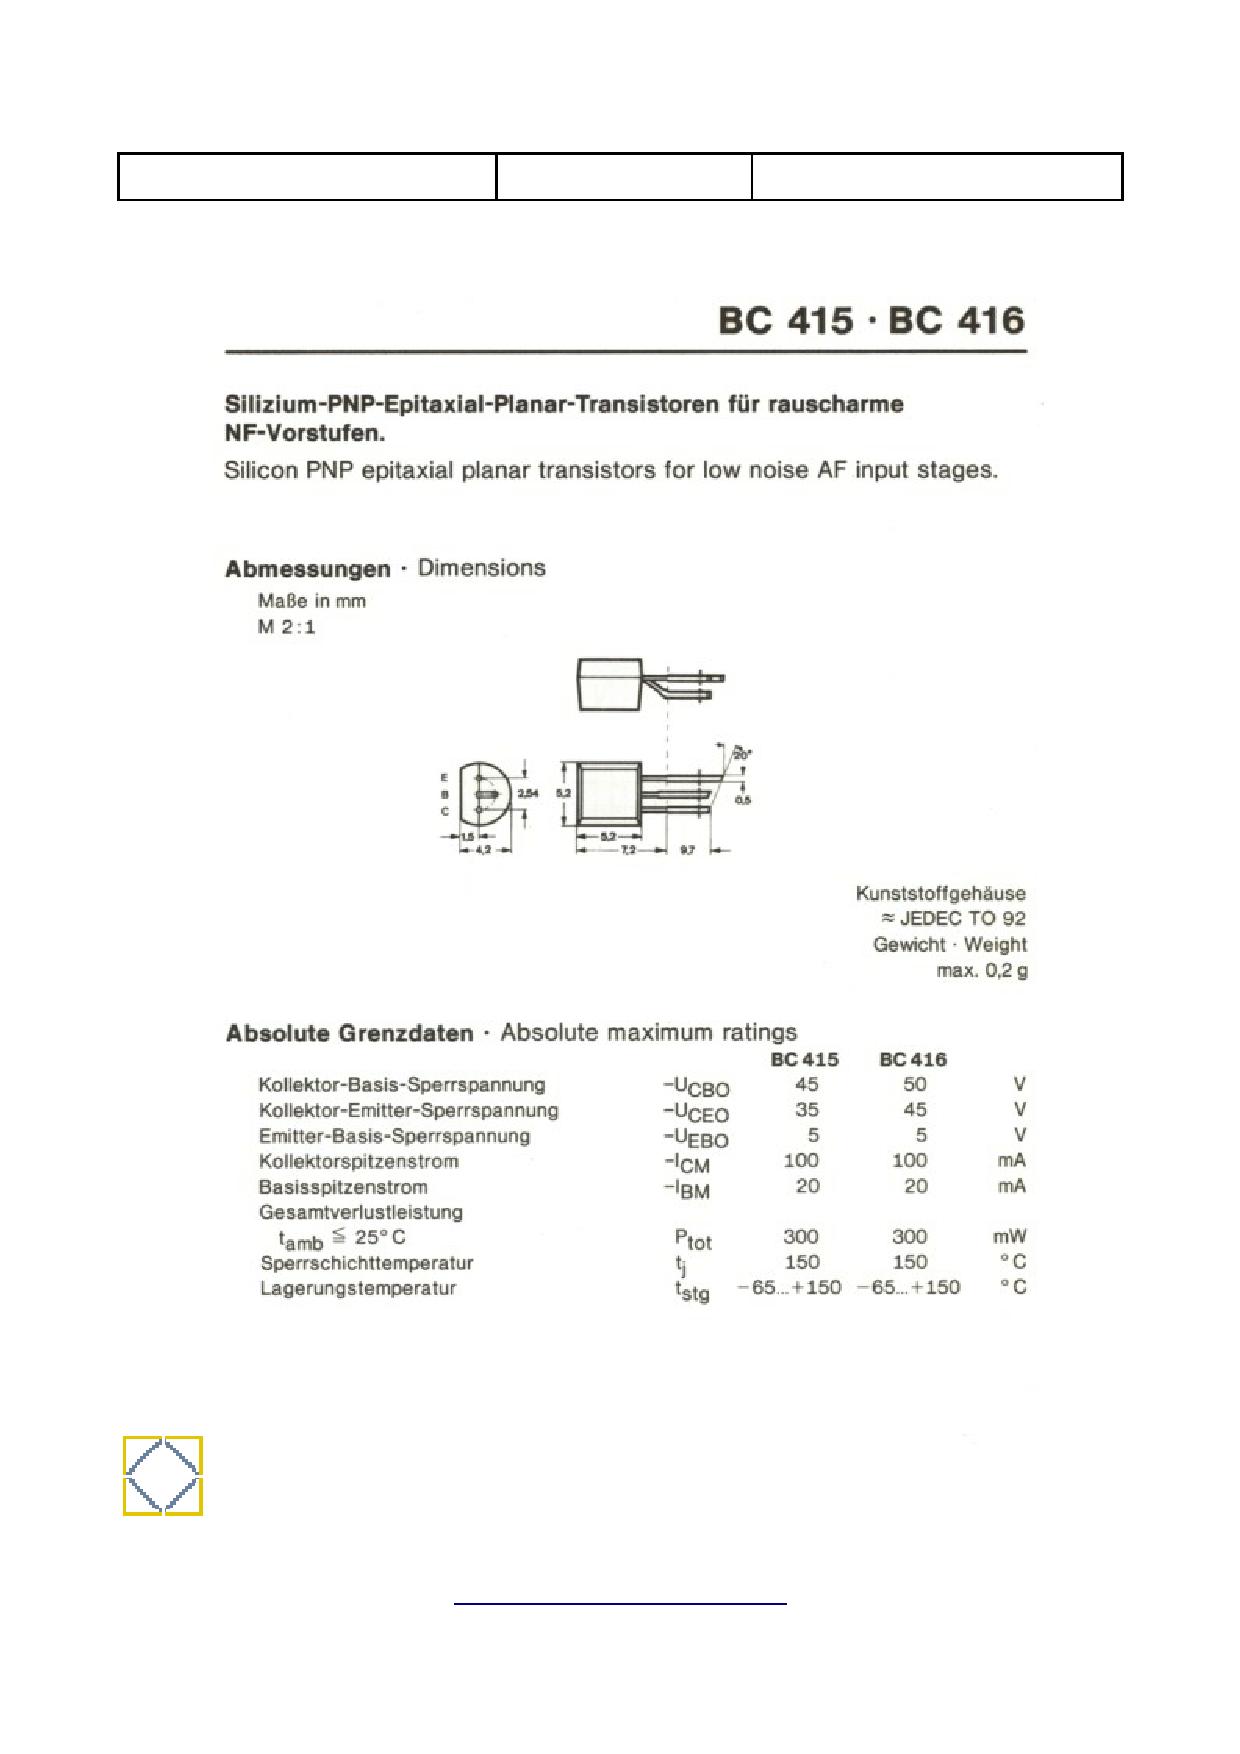 BC416 데이터시트 및 BC416 PDF